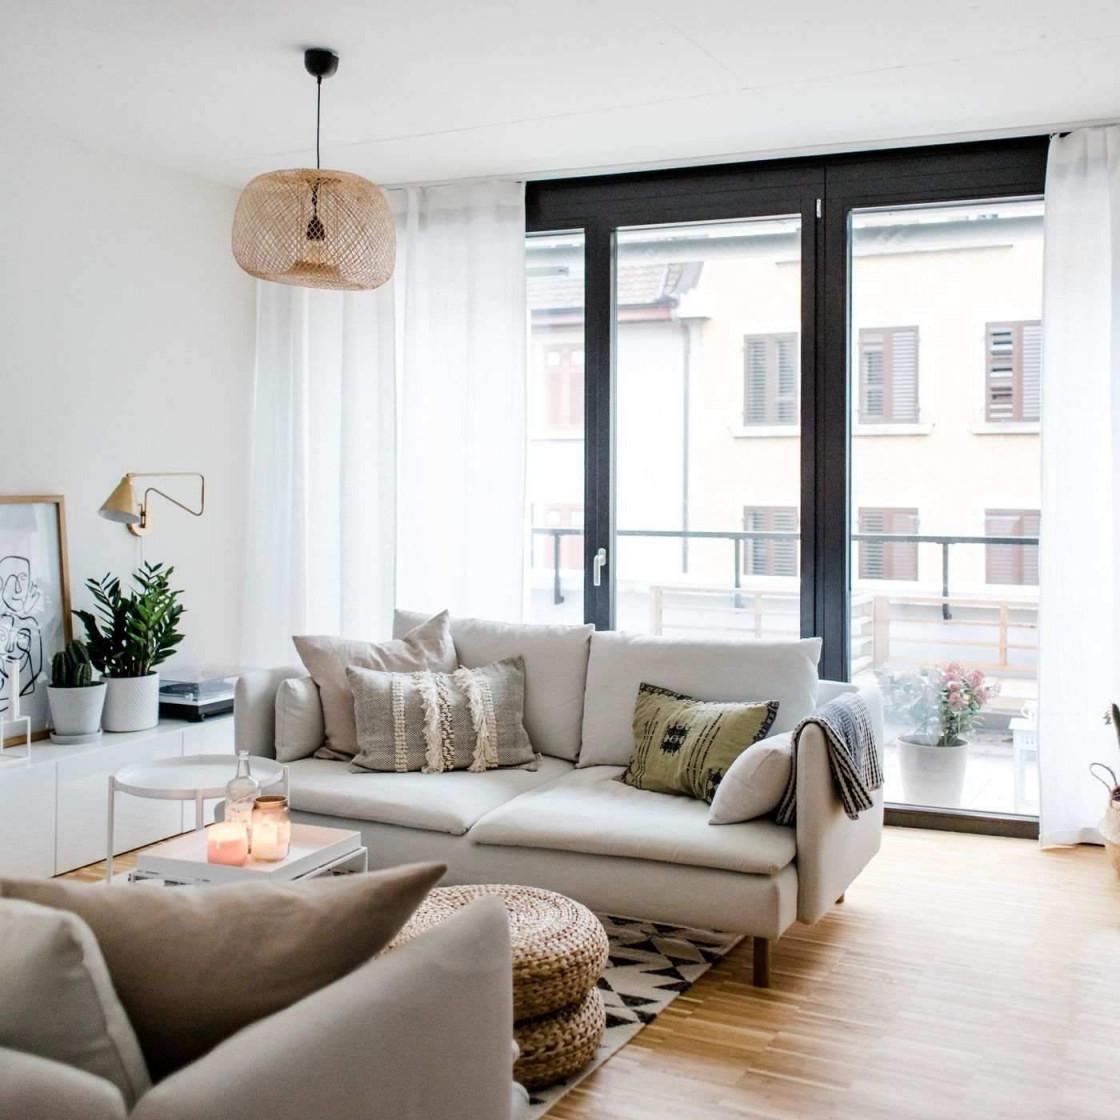 32 Luxus Kleine Wohnzimmer Modern Einrichten Genial von Kleines Wohnzimmer Einrichten Bild